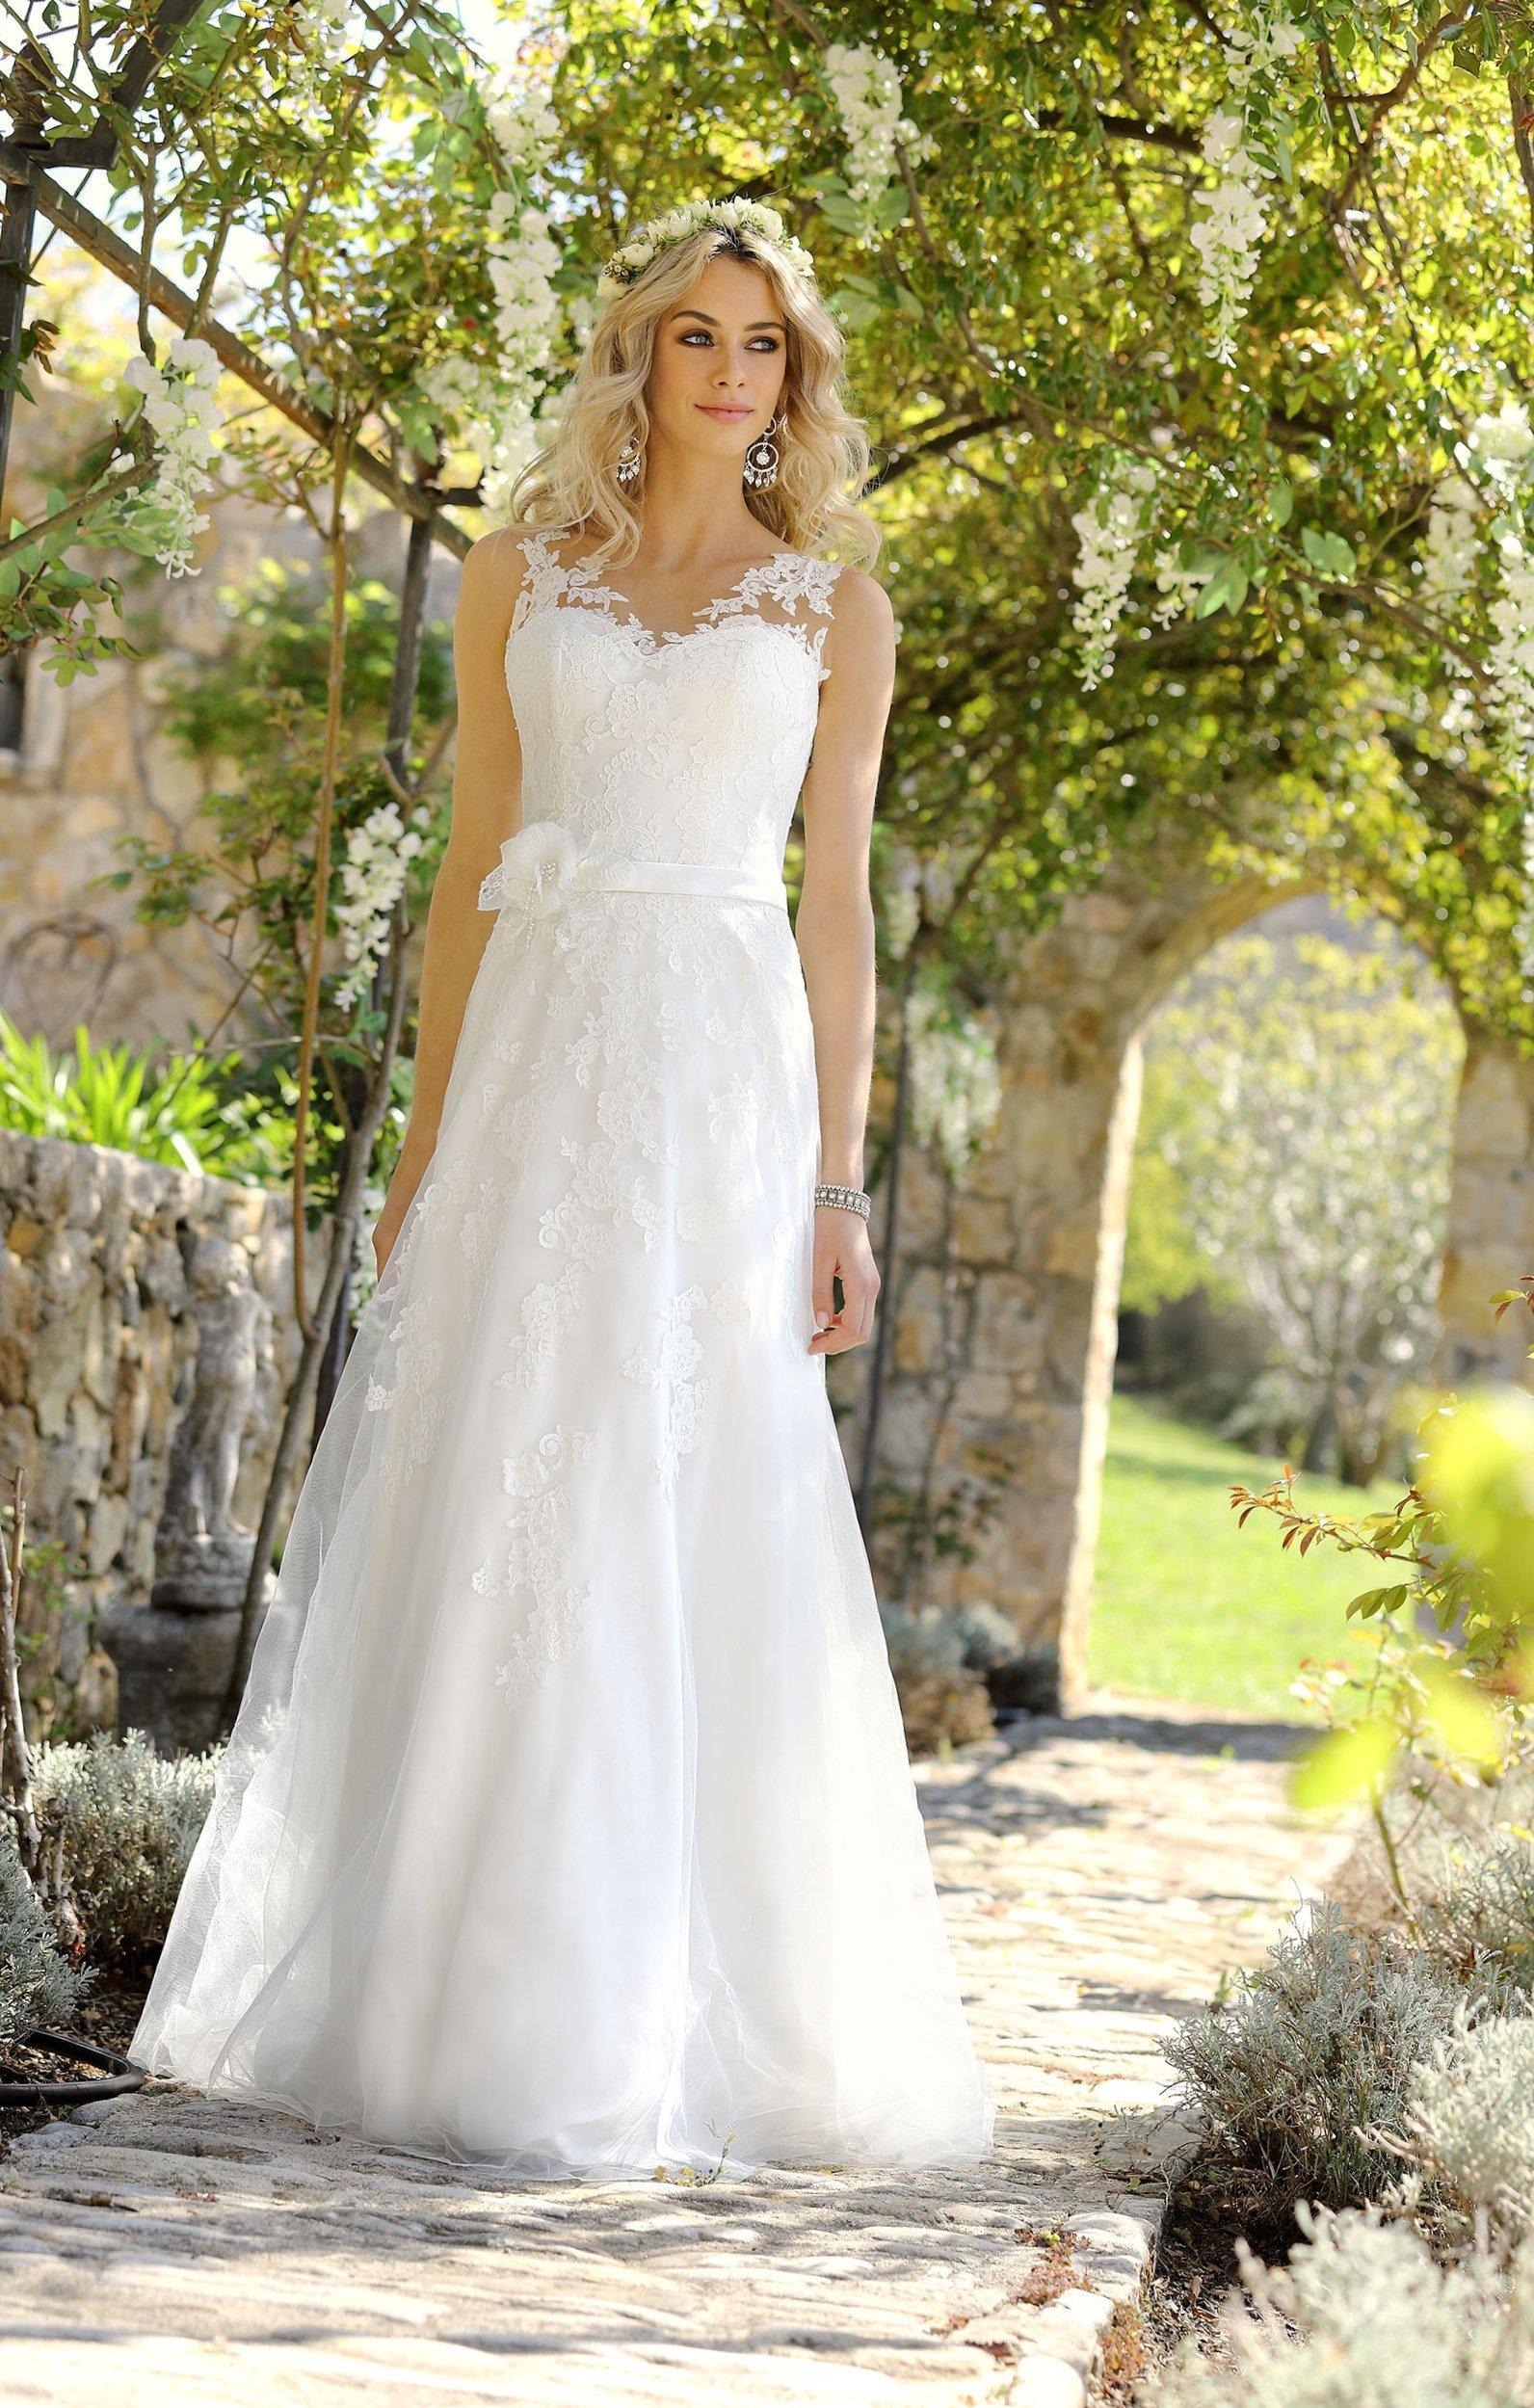 Schön Trending Hochzeitskleider Fotos - Brautkleider Ideen ...